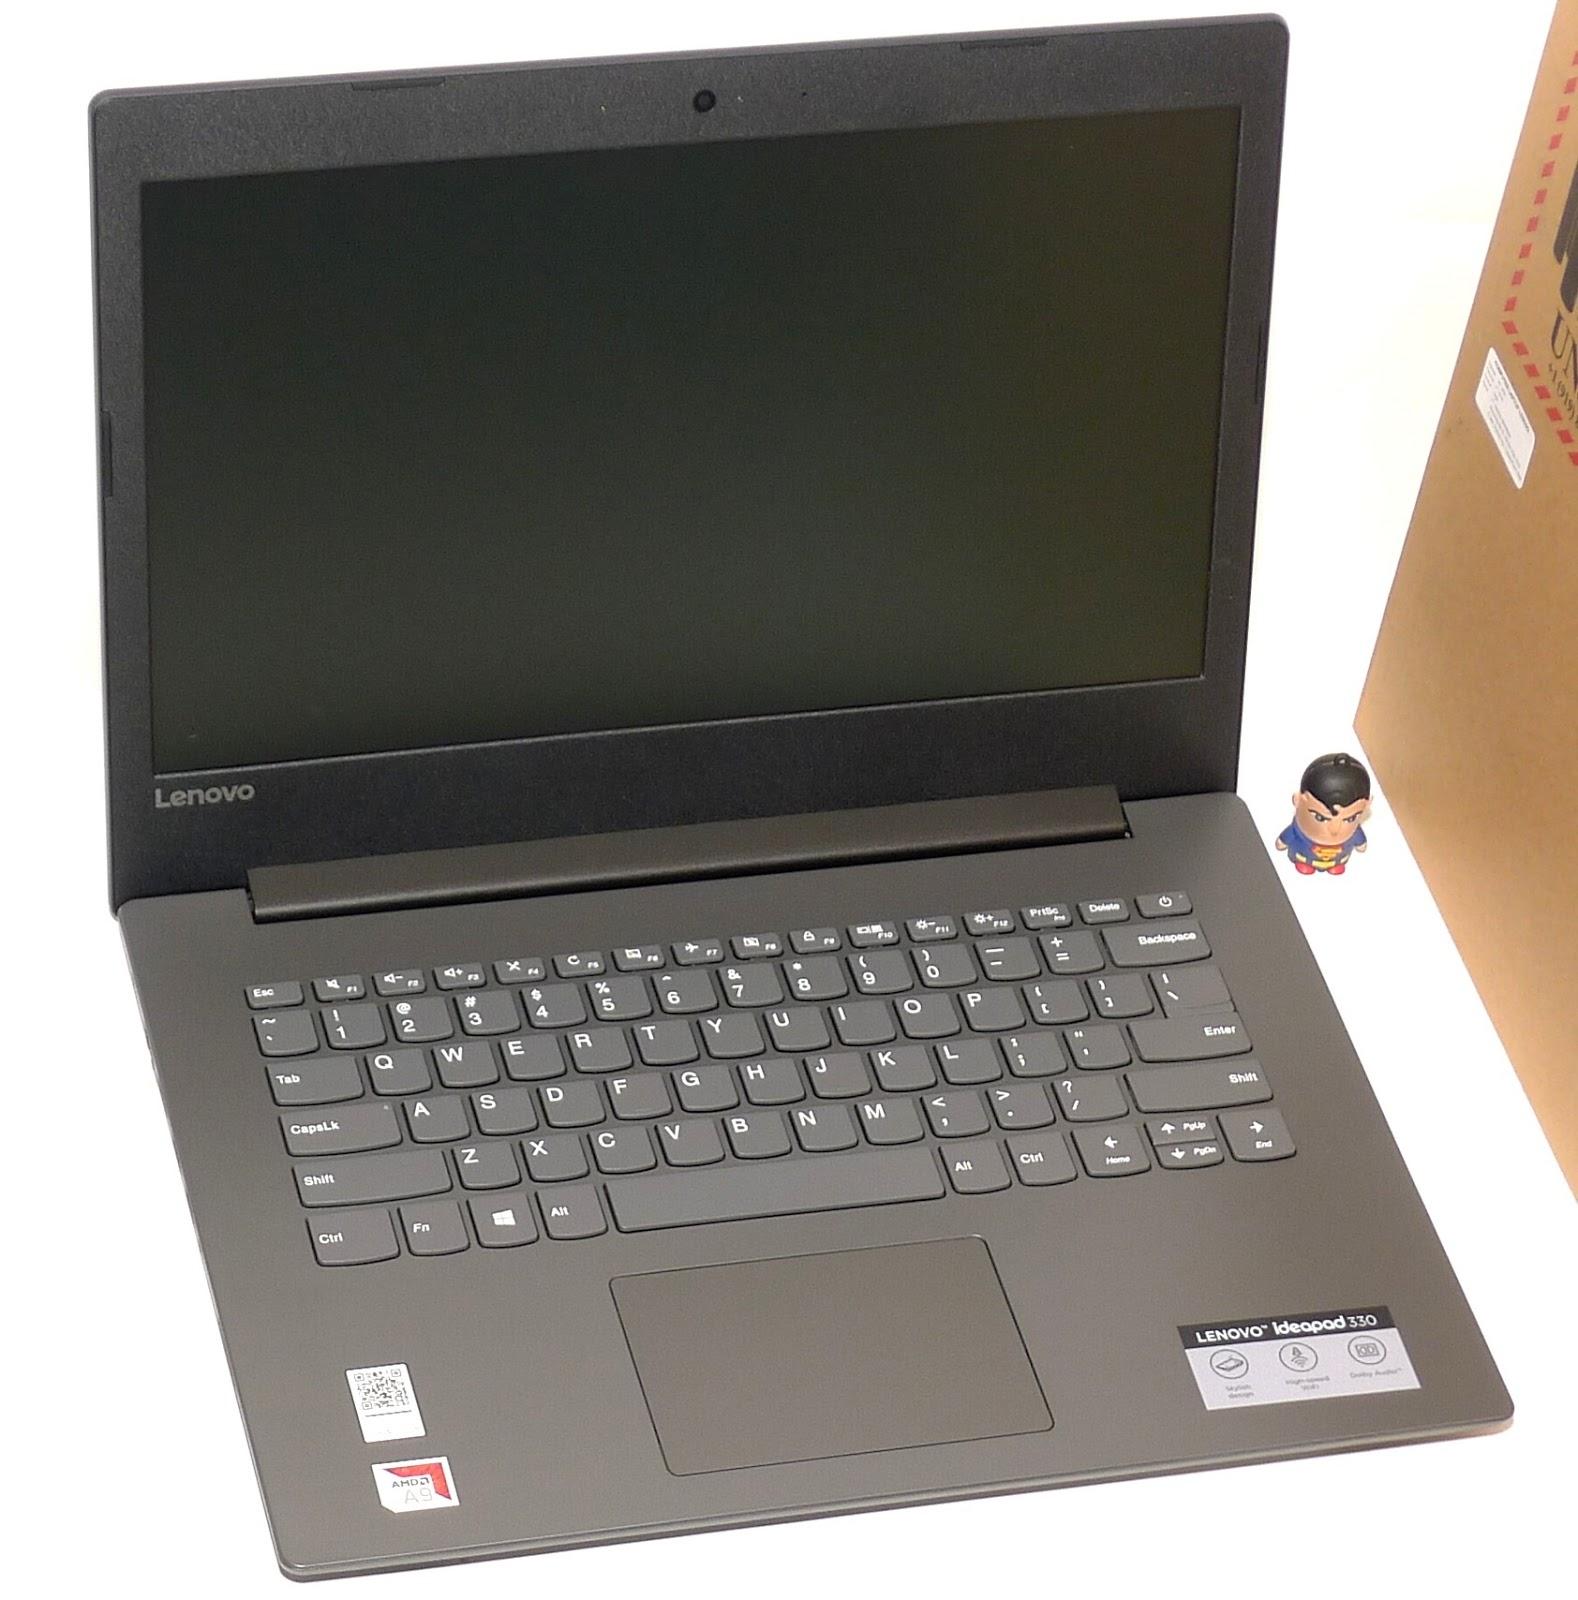 Jual Laptop Baru Lenovo Ideapad 330 14ast Amd A9 Jual Beli Laptop Bekas Kamera Service Sparepart Di Malang